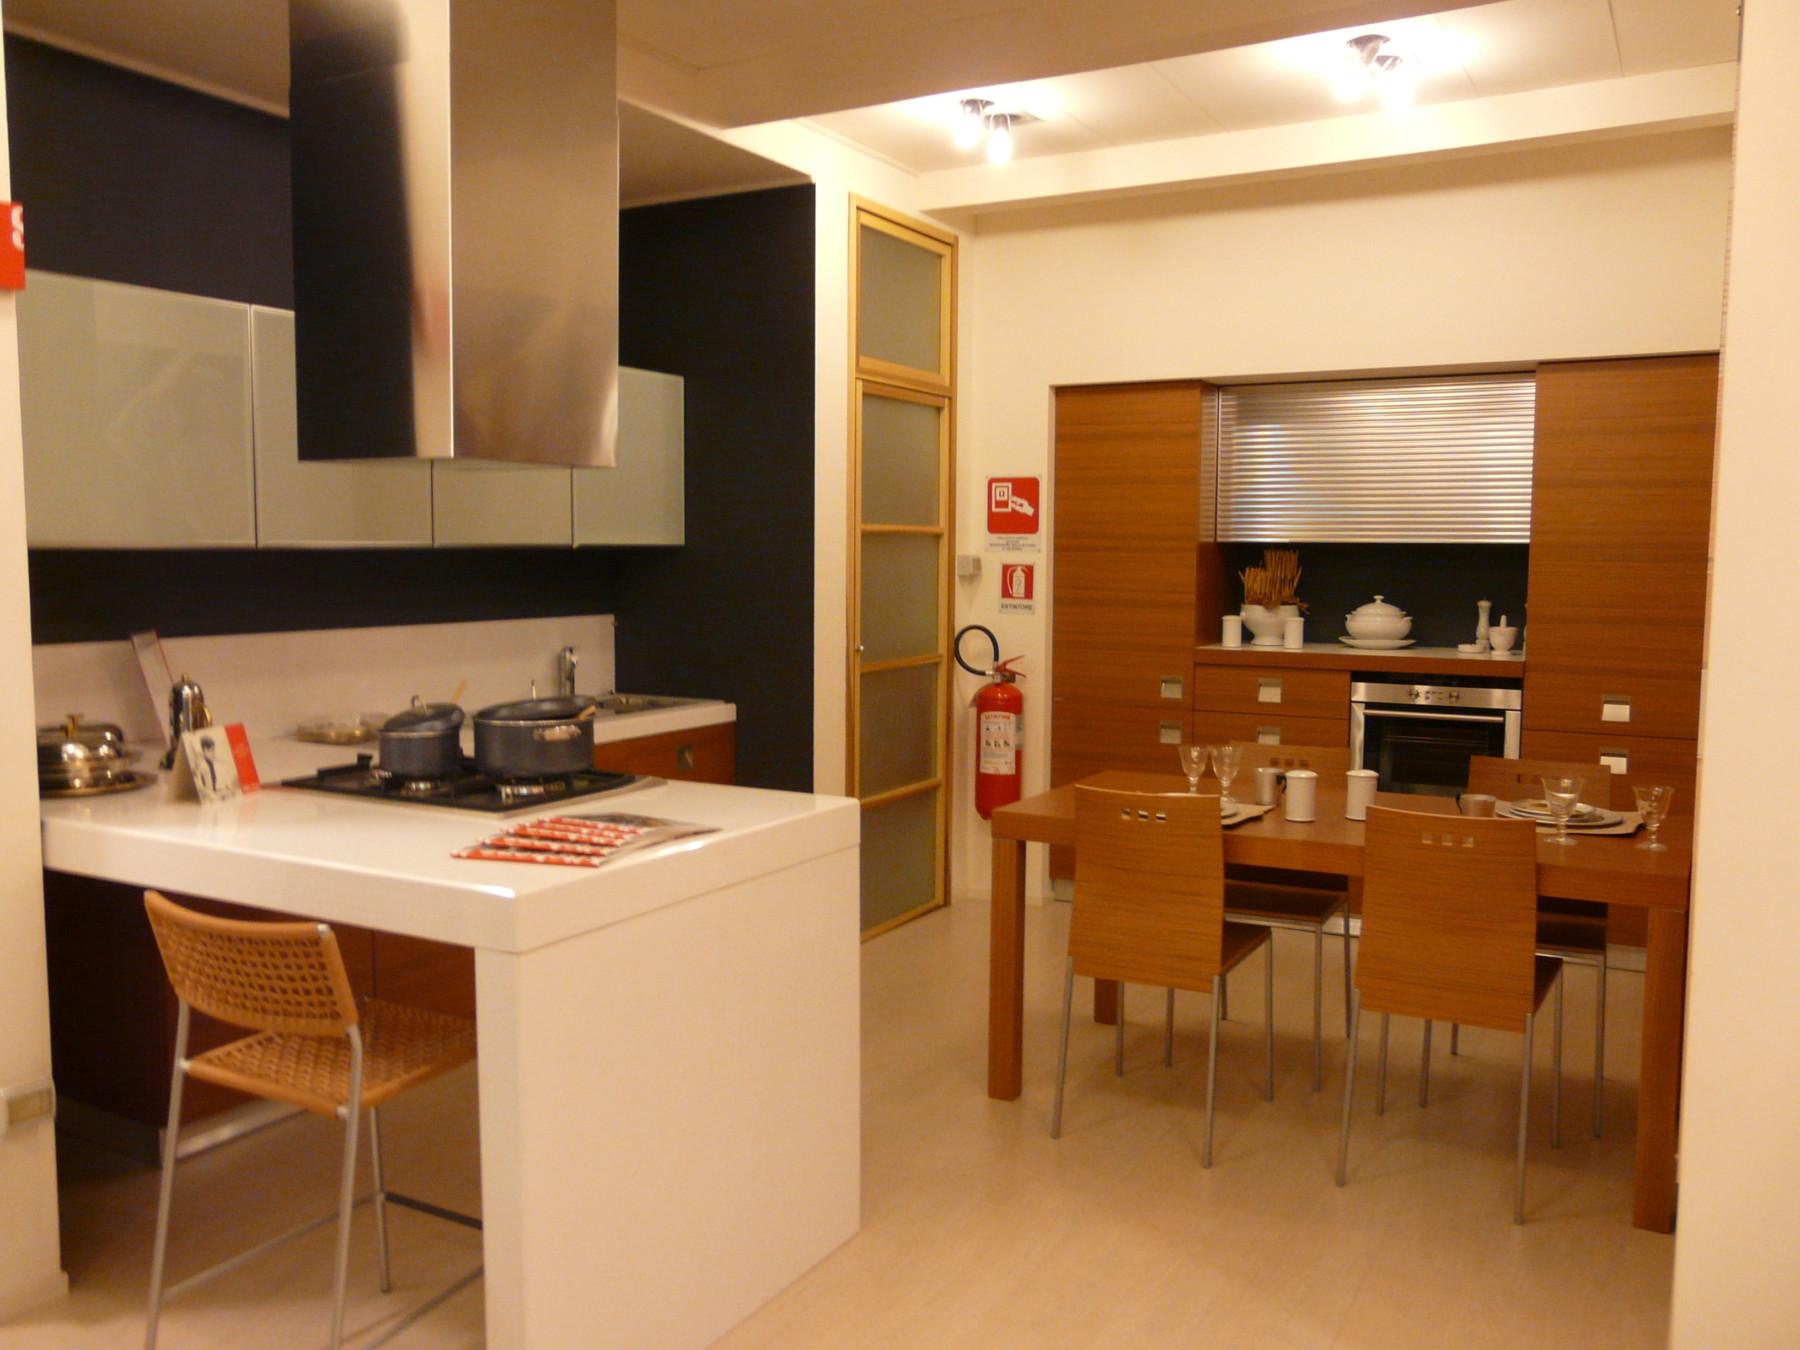 Offerta Cucina Scavolini Modena Bologna